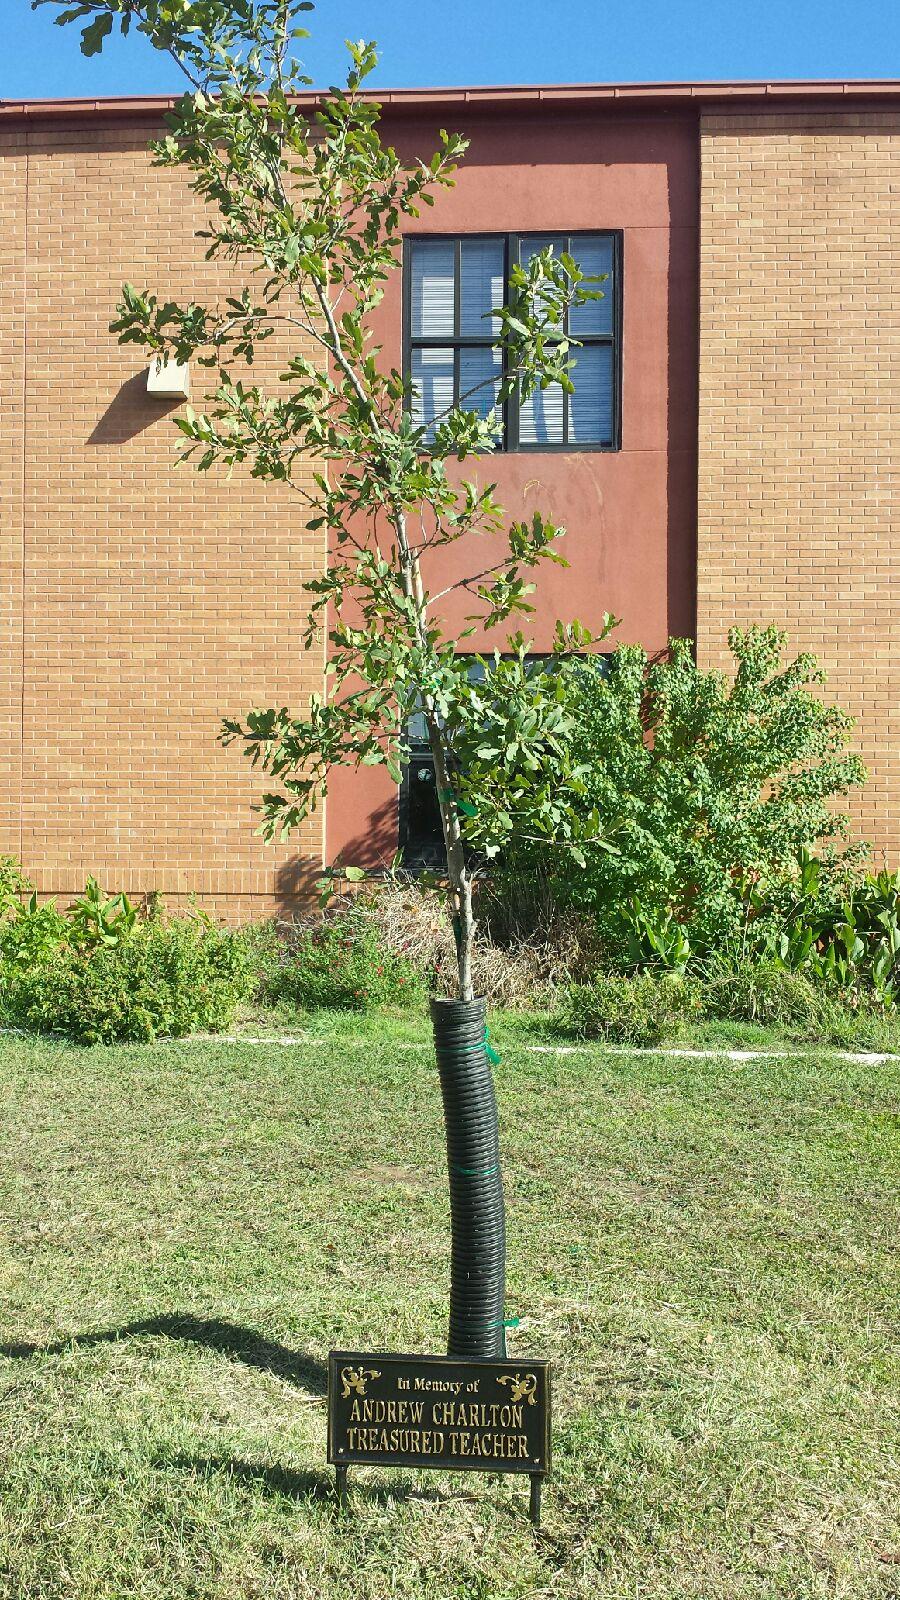 TreeDedication.jpeg